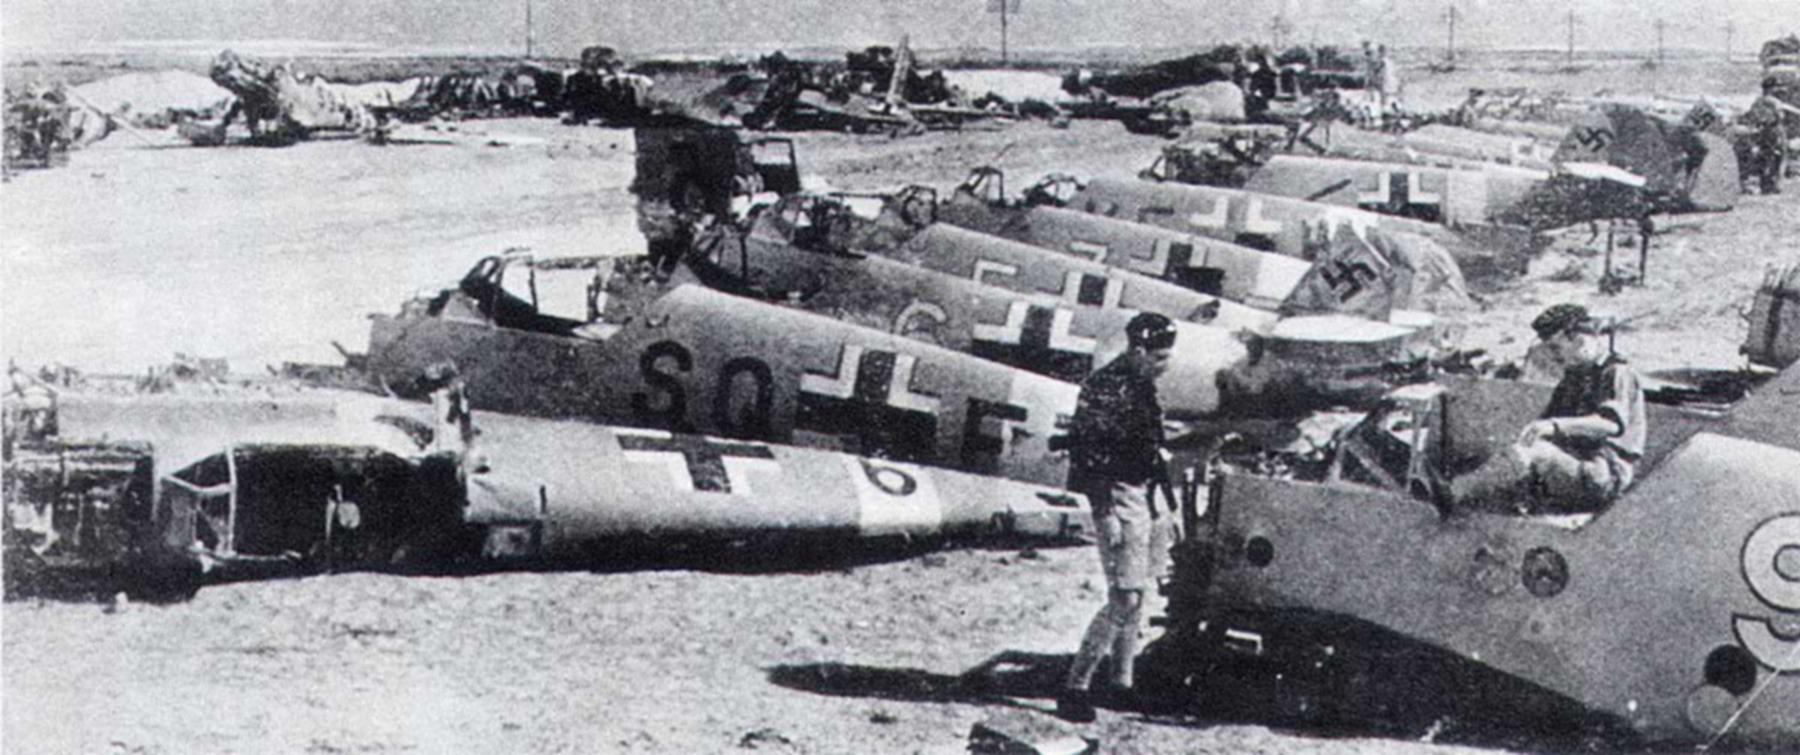 Messerschmitt Bf 109F4Trop abandoned airframes mostly from JG27 Gambut Libya 1942 04